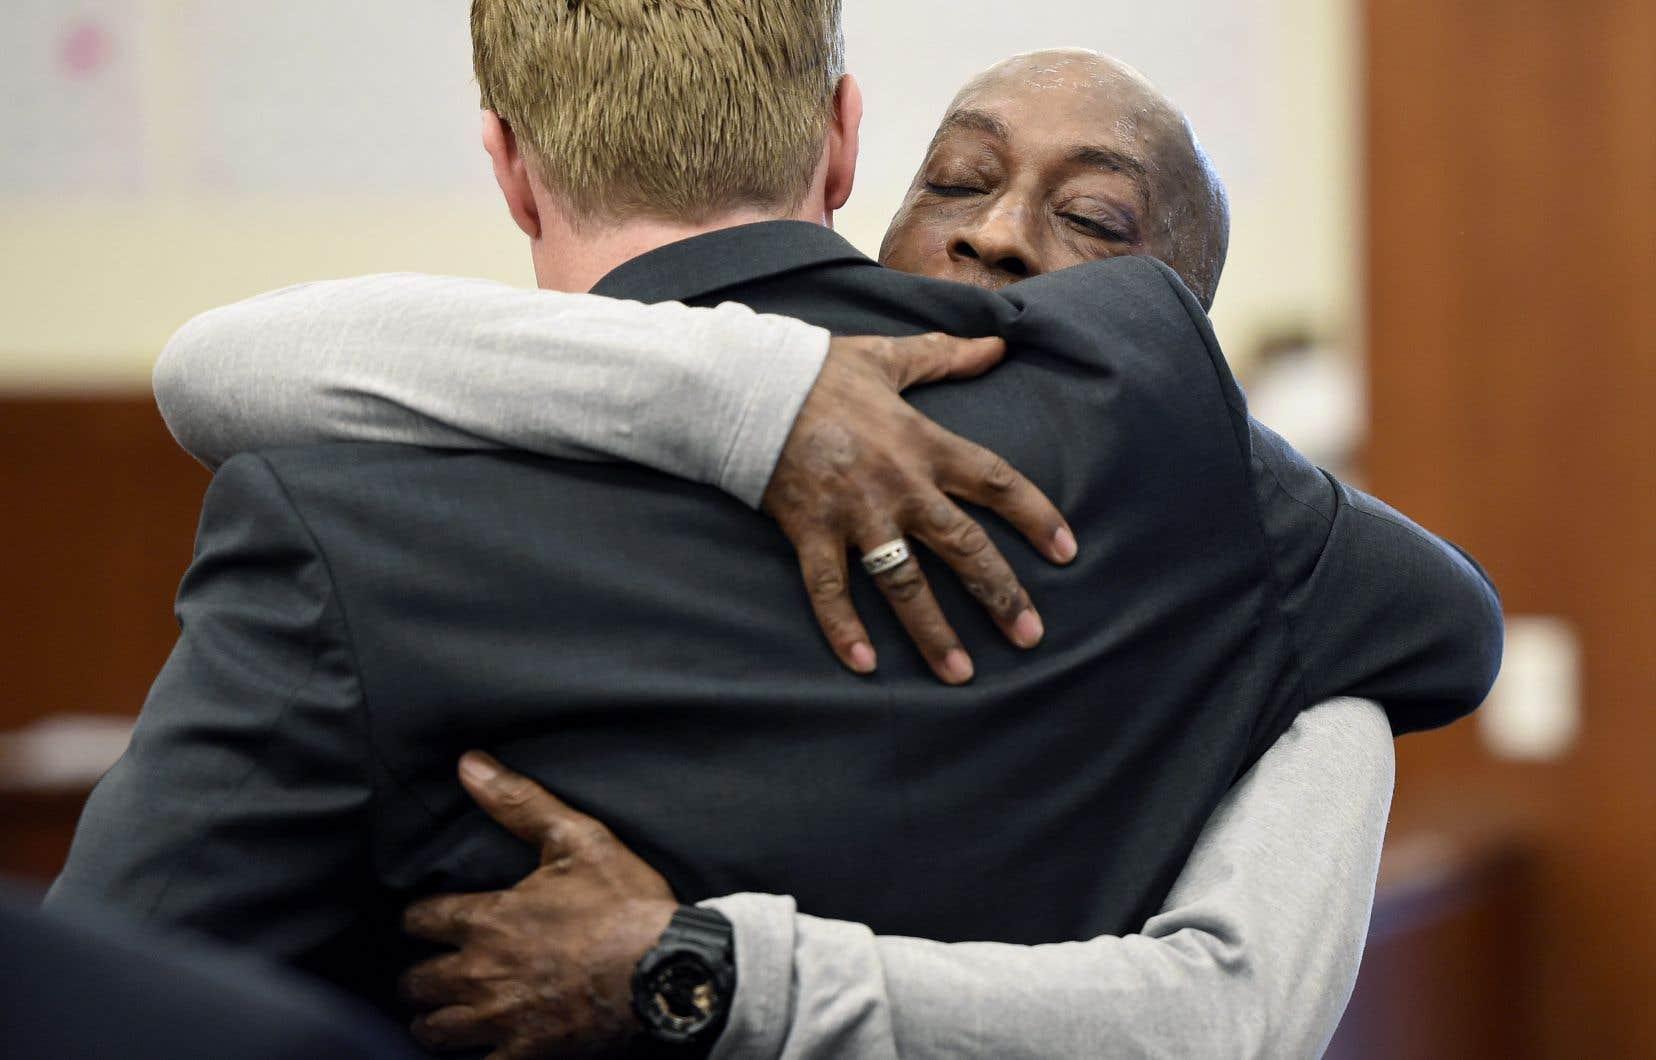 Le plaignant Dewayne Johnson, face à la caméra, prend dans ses bras un de ses avocats après avoir entendu le verdict prononcé contre Monsanto devant la Cour supérieure de Californie à San Francisco le vendredi 10 août 2018.